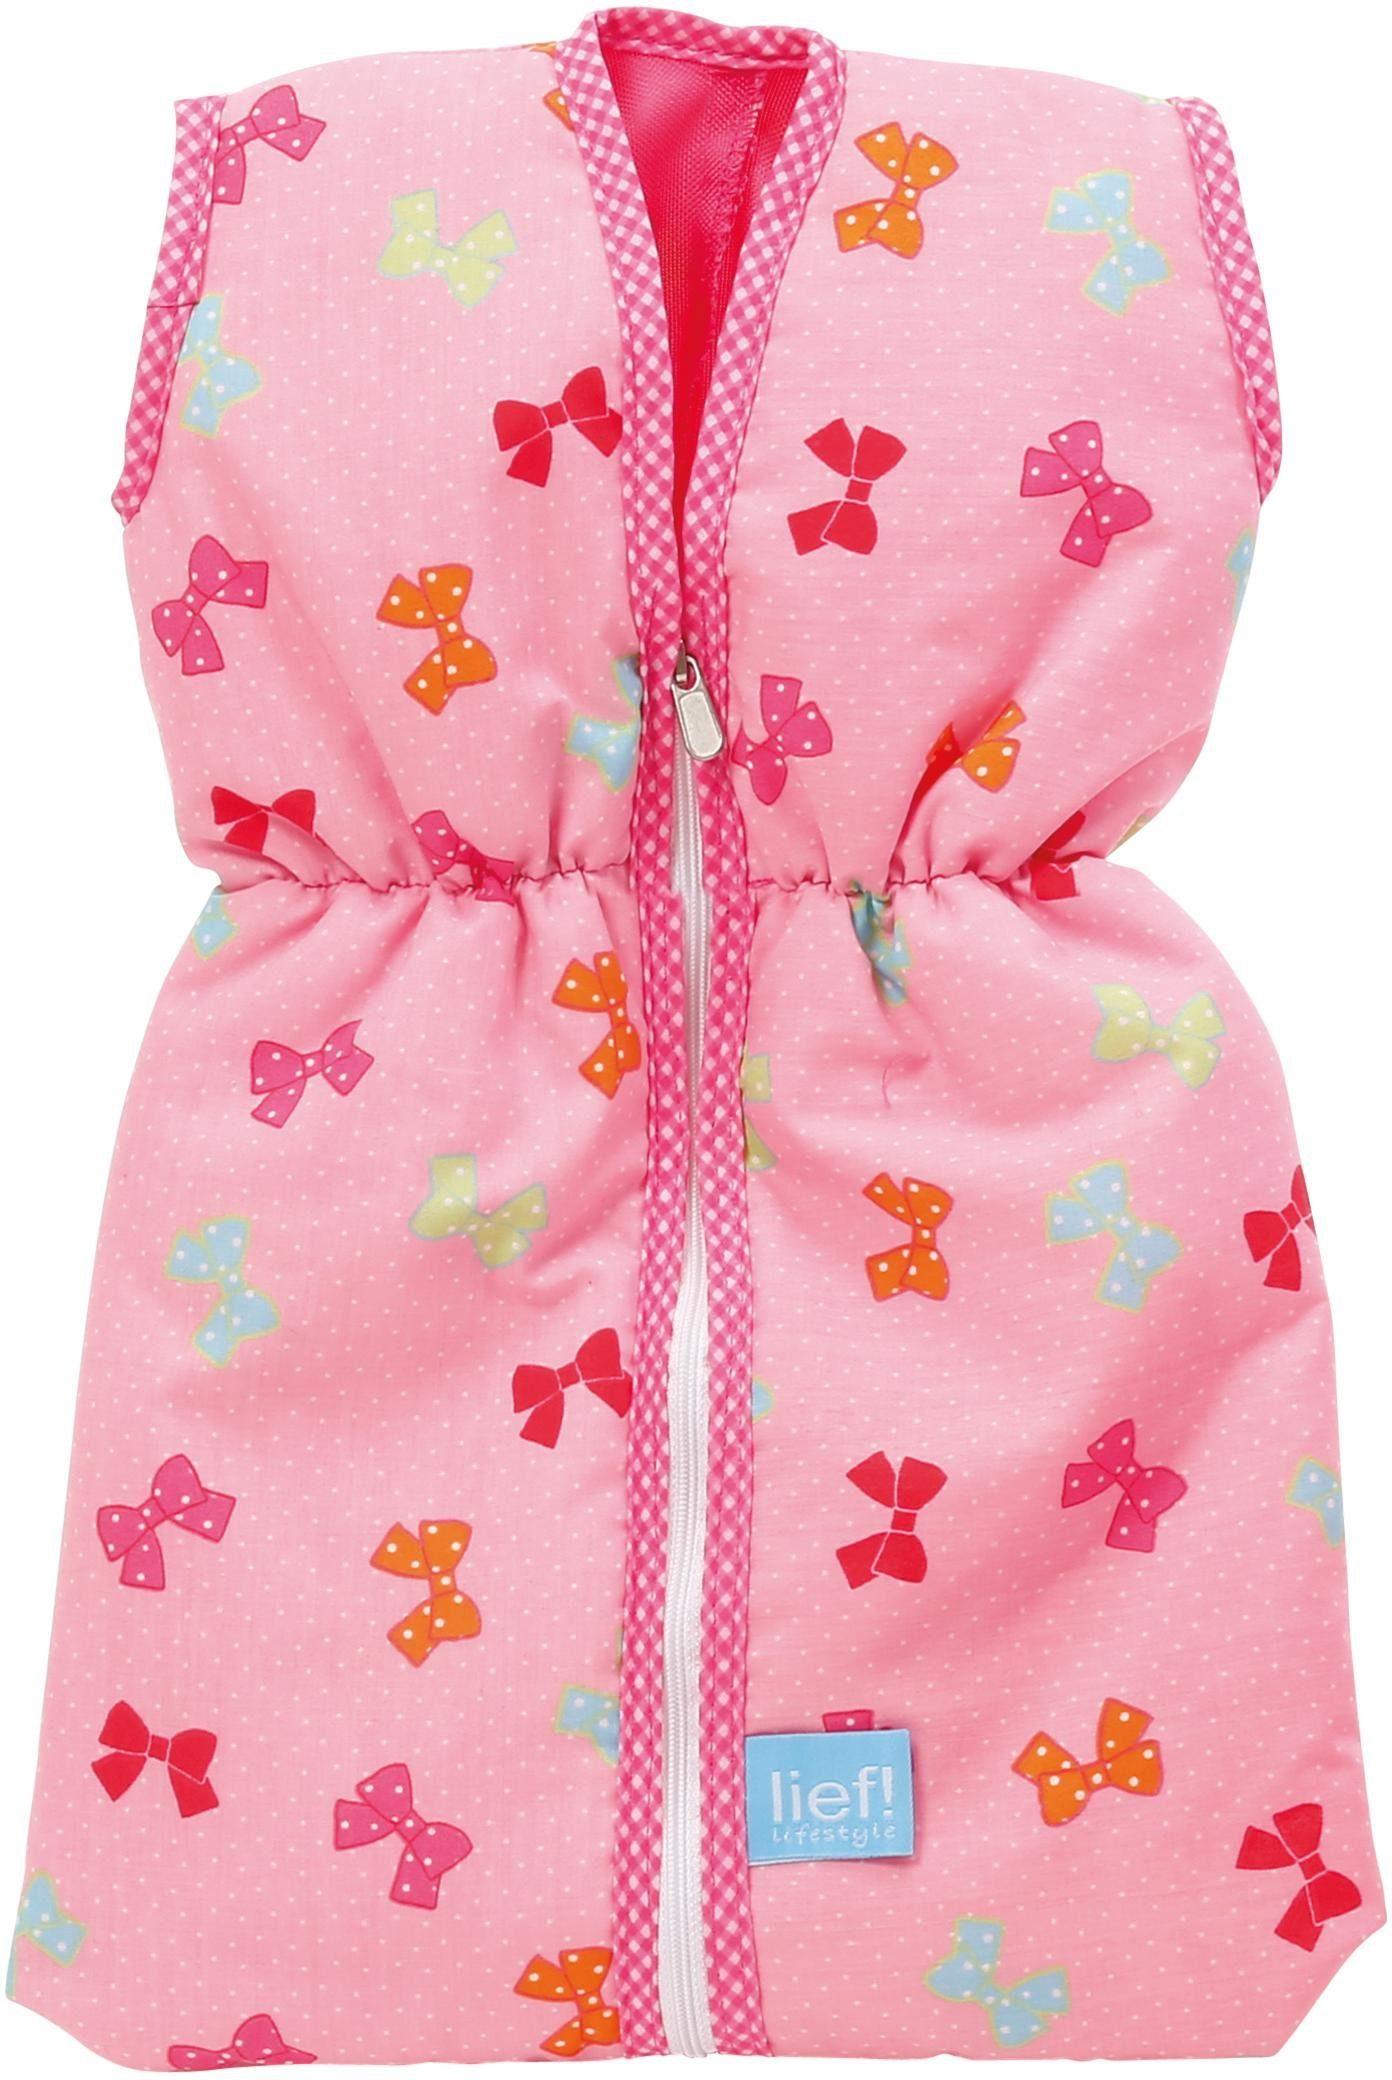 knorr toys Schlafsack für Puppen, »lief! lifestyle Puppenschlafsack«